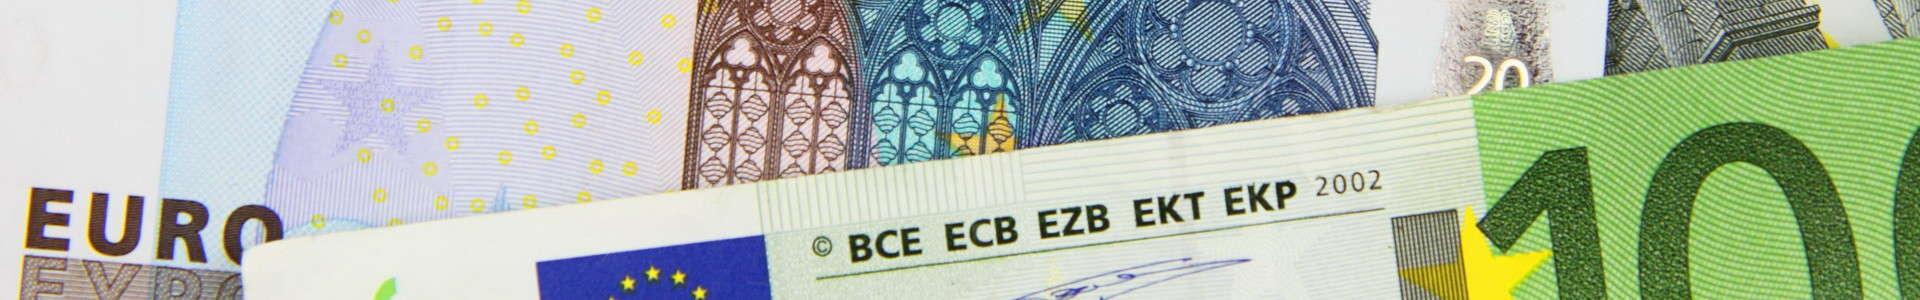 Kereskedelmi, Pénzügyi és Ügyviteli tanfolyamok Budapesten - Pénzügyi ügyintéző